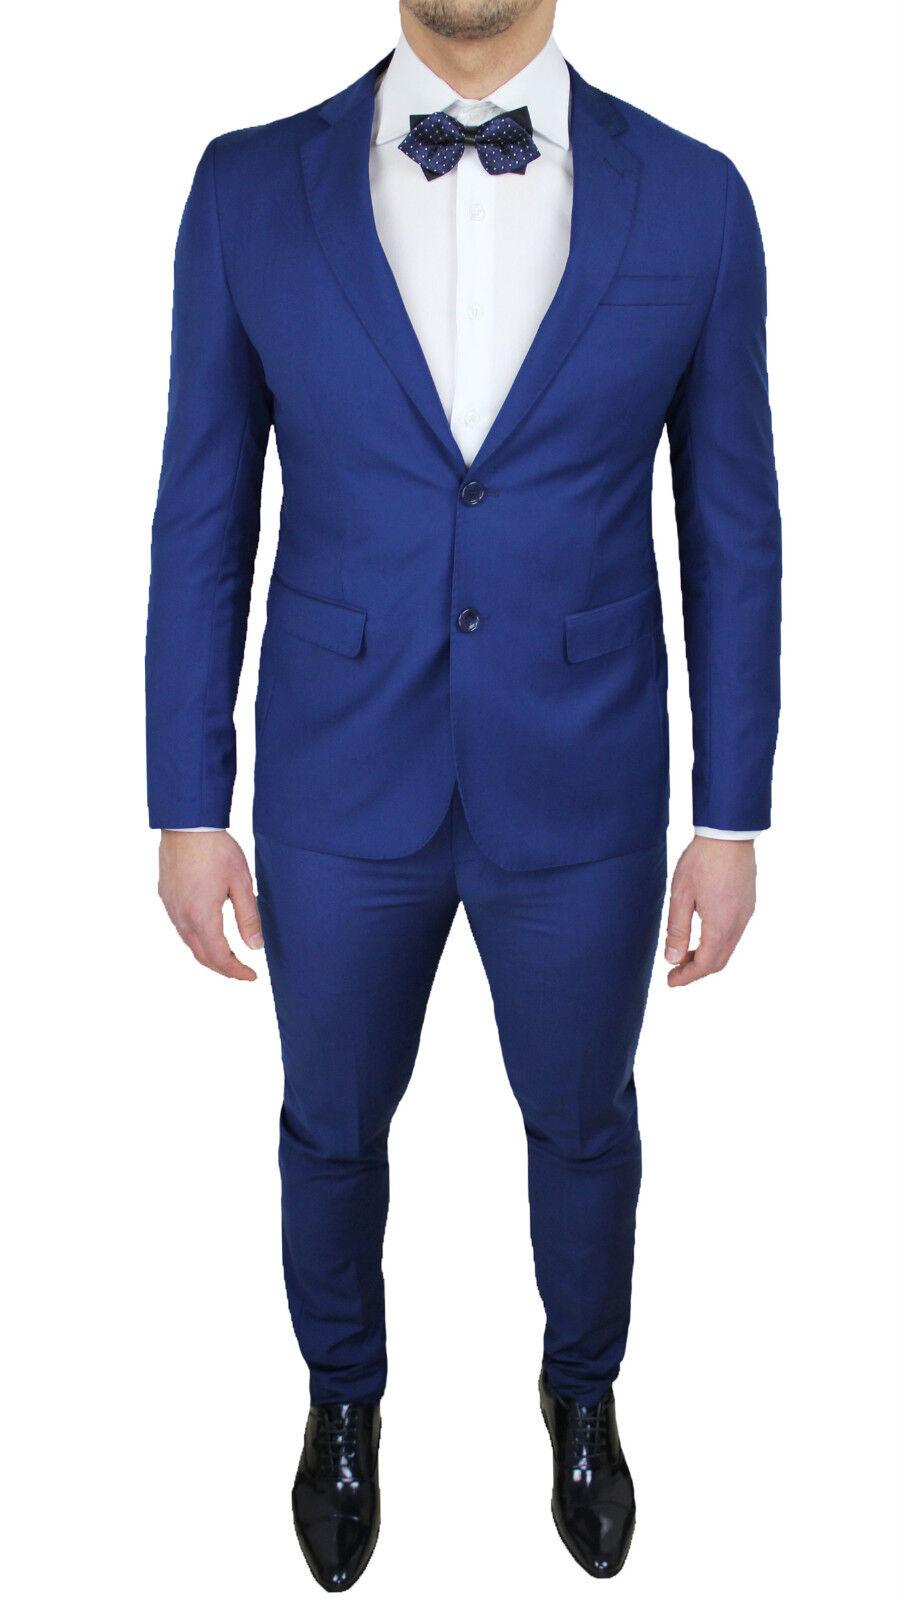 Vestito Matrimonio Uomo Blu Elettrico : Vestito uomo blu elettrico scarpe modelli alla moda di